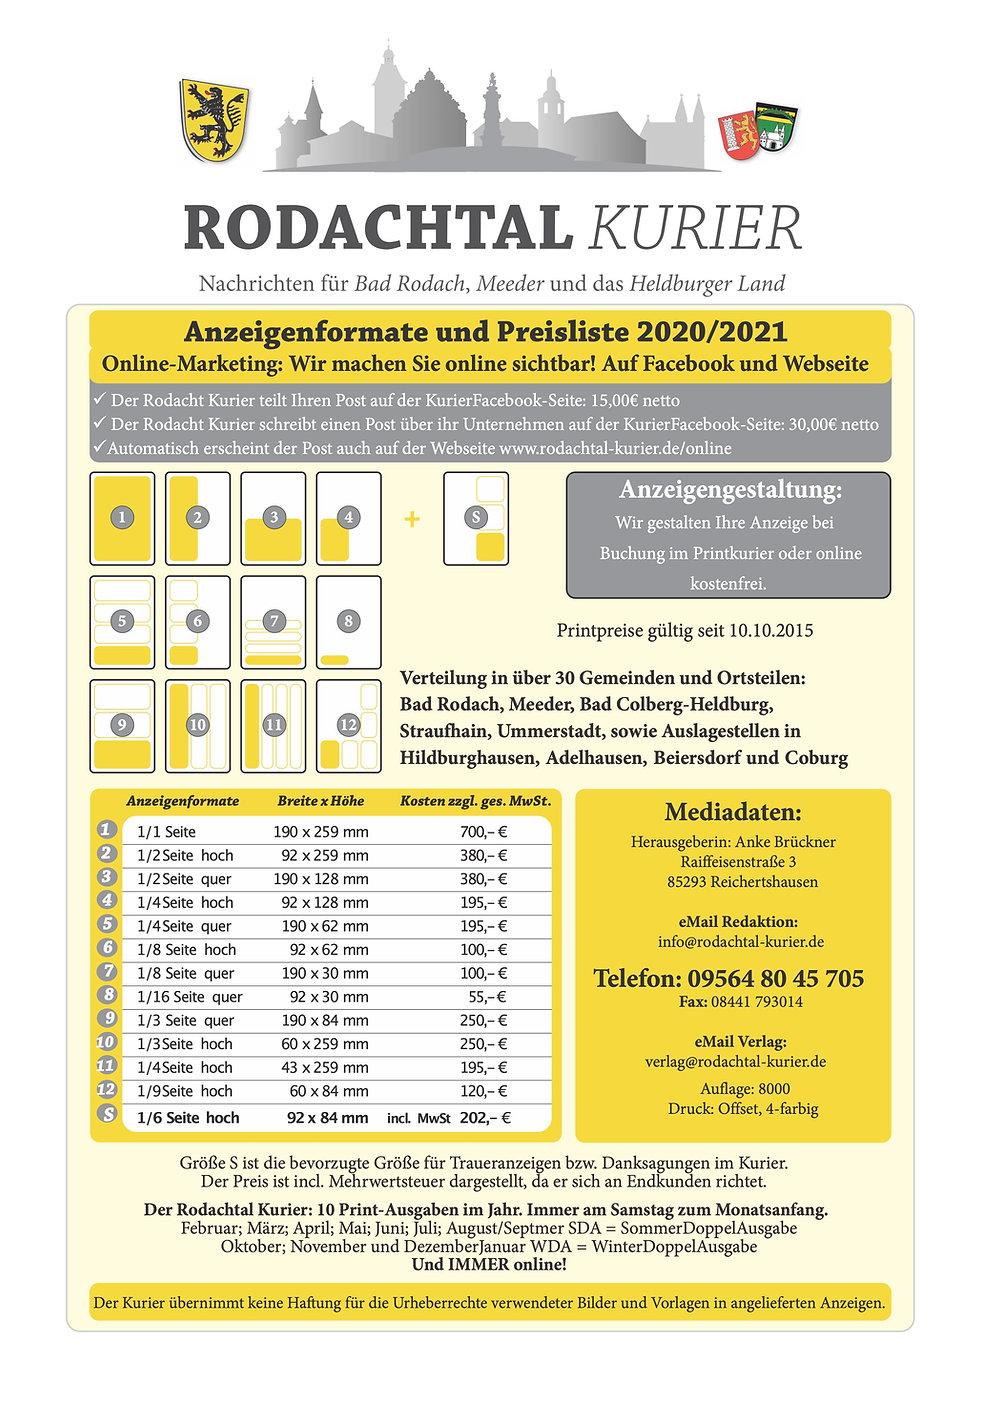 Preisliste_RTK_Anzeigenformate_2020-2021